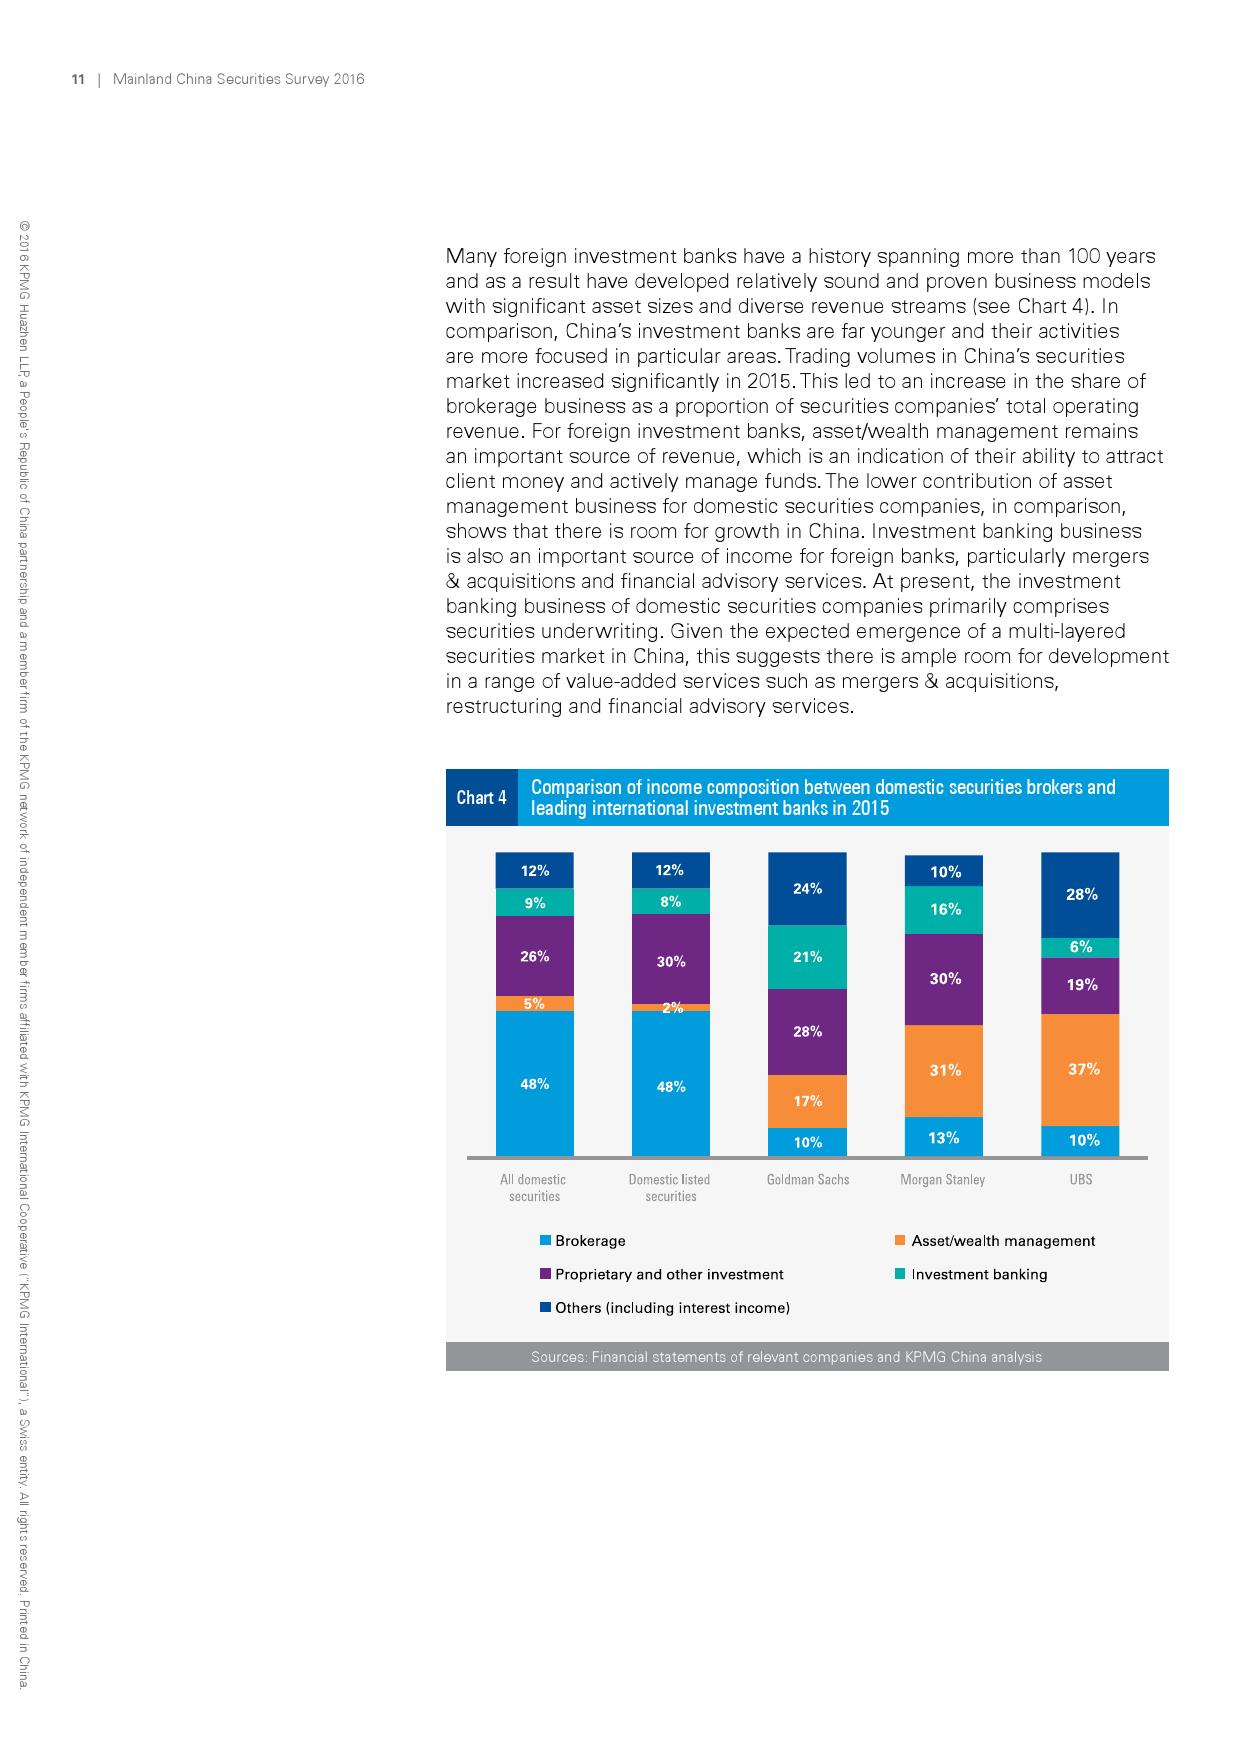 2016年中国证券业调查报告_000014